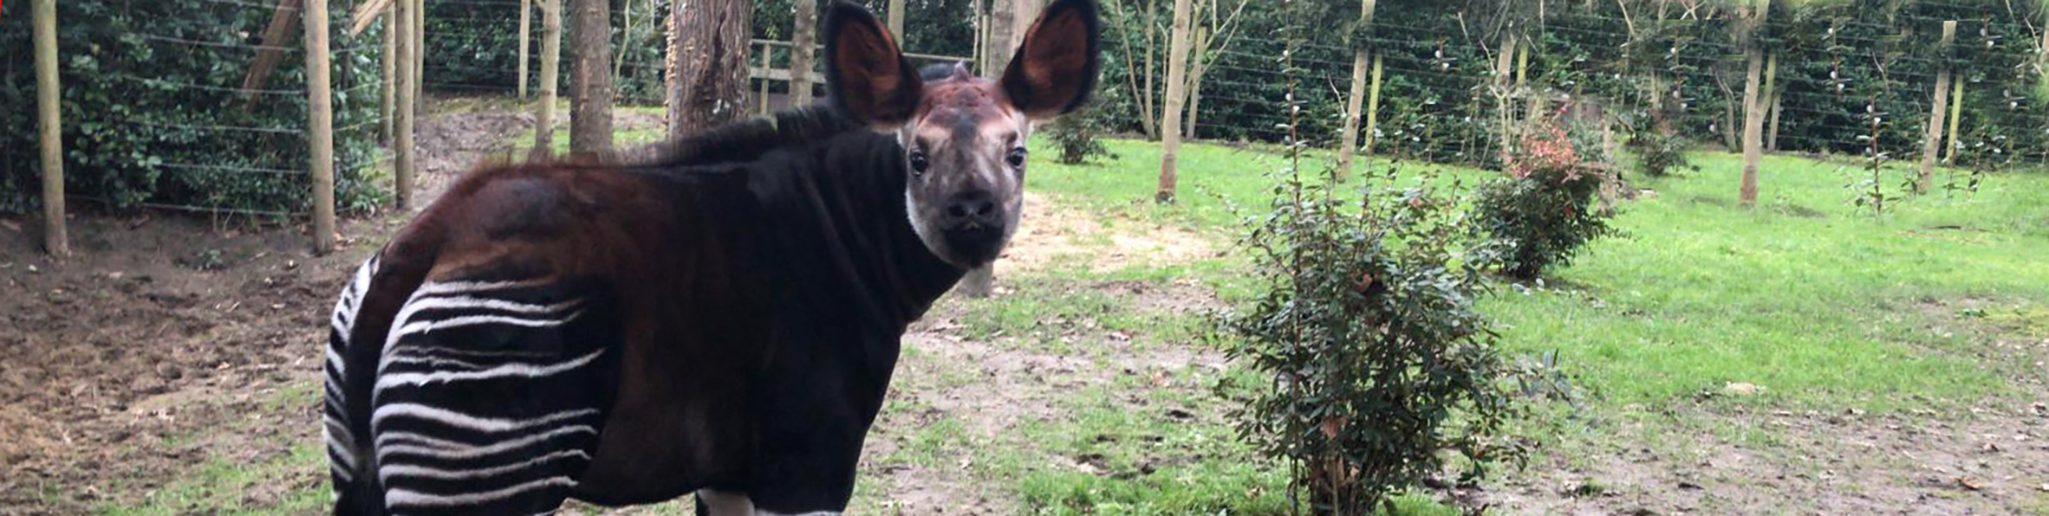 okapi-jong in buitenverblijf